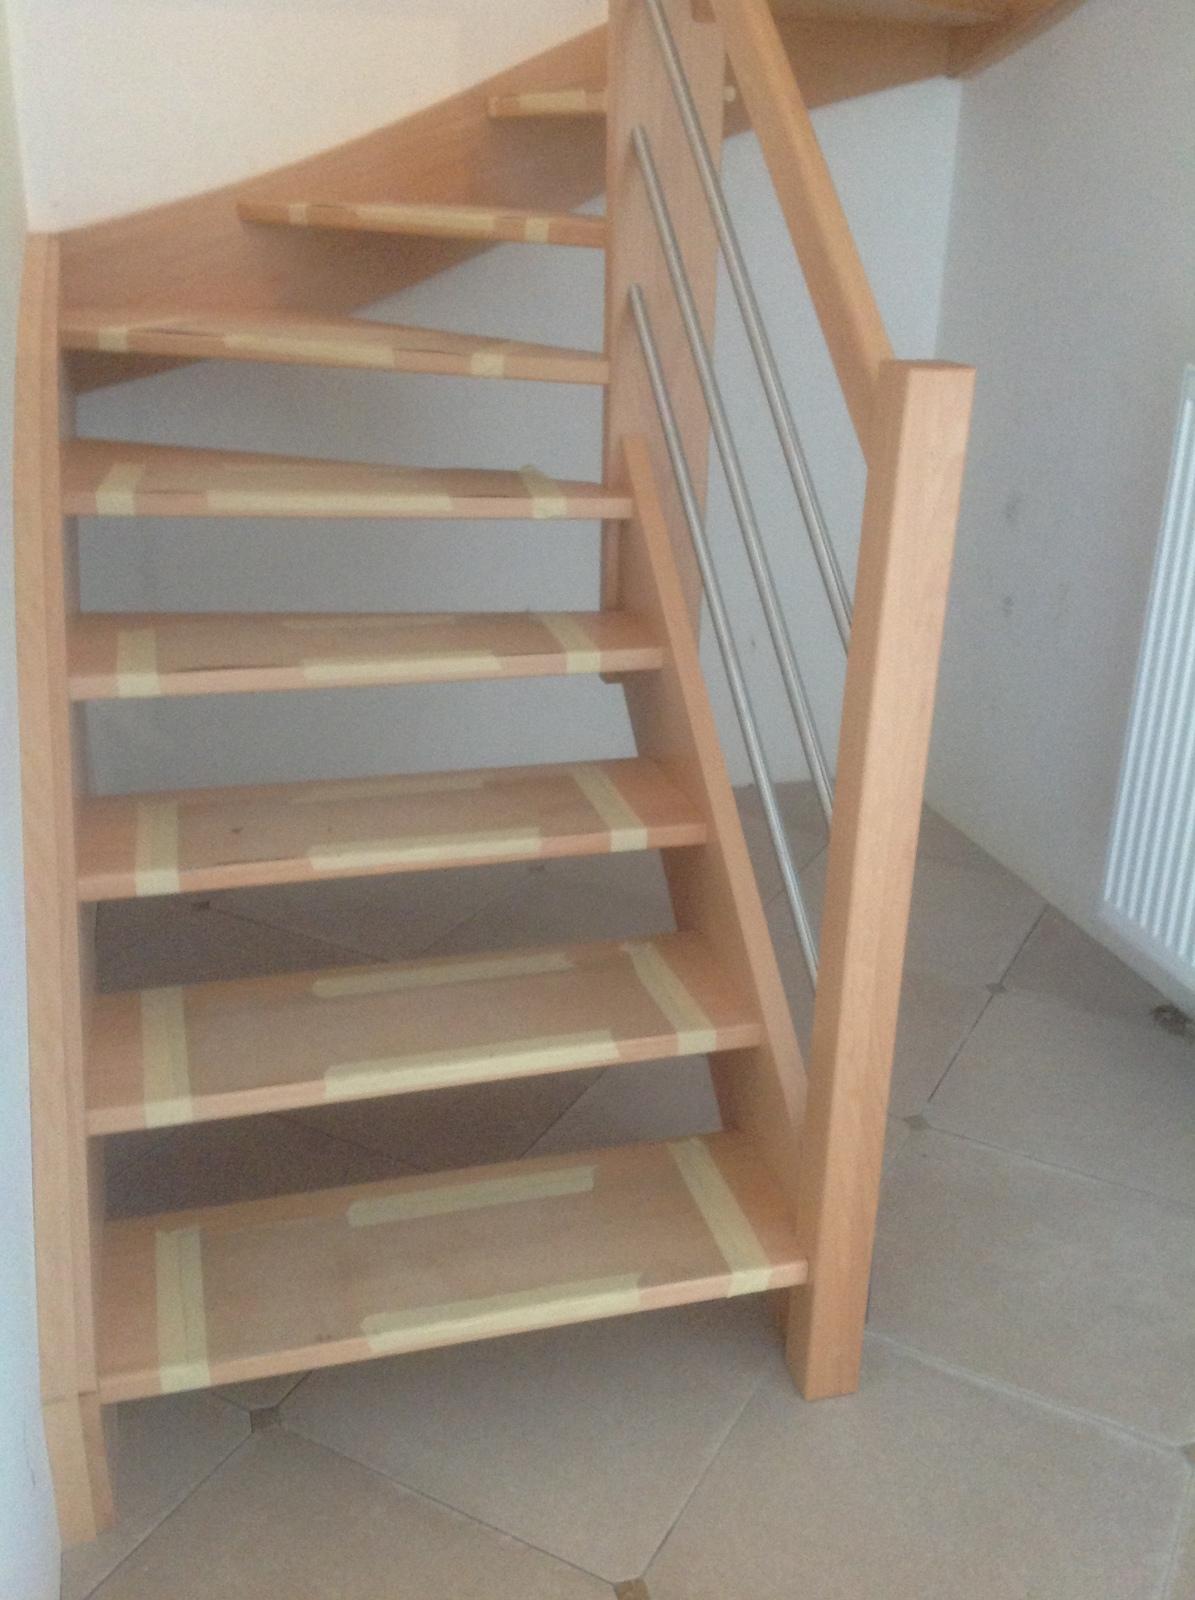 menuiserie escalier bois id e int ressante pour la conception de meubles en bois qui inspire. Black Bedroom Furniture Sets. Home Design Ideas